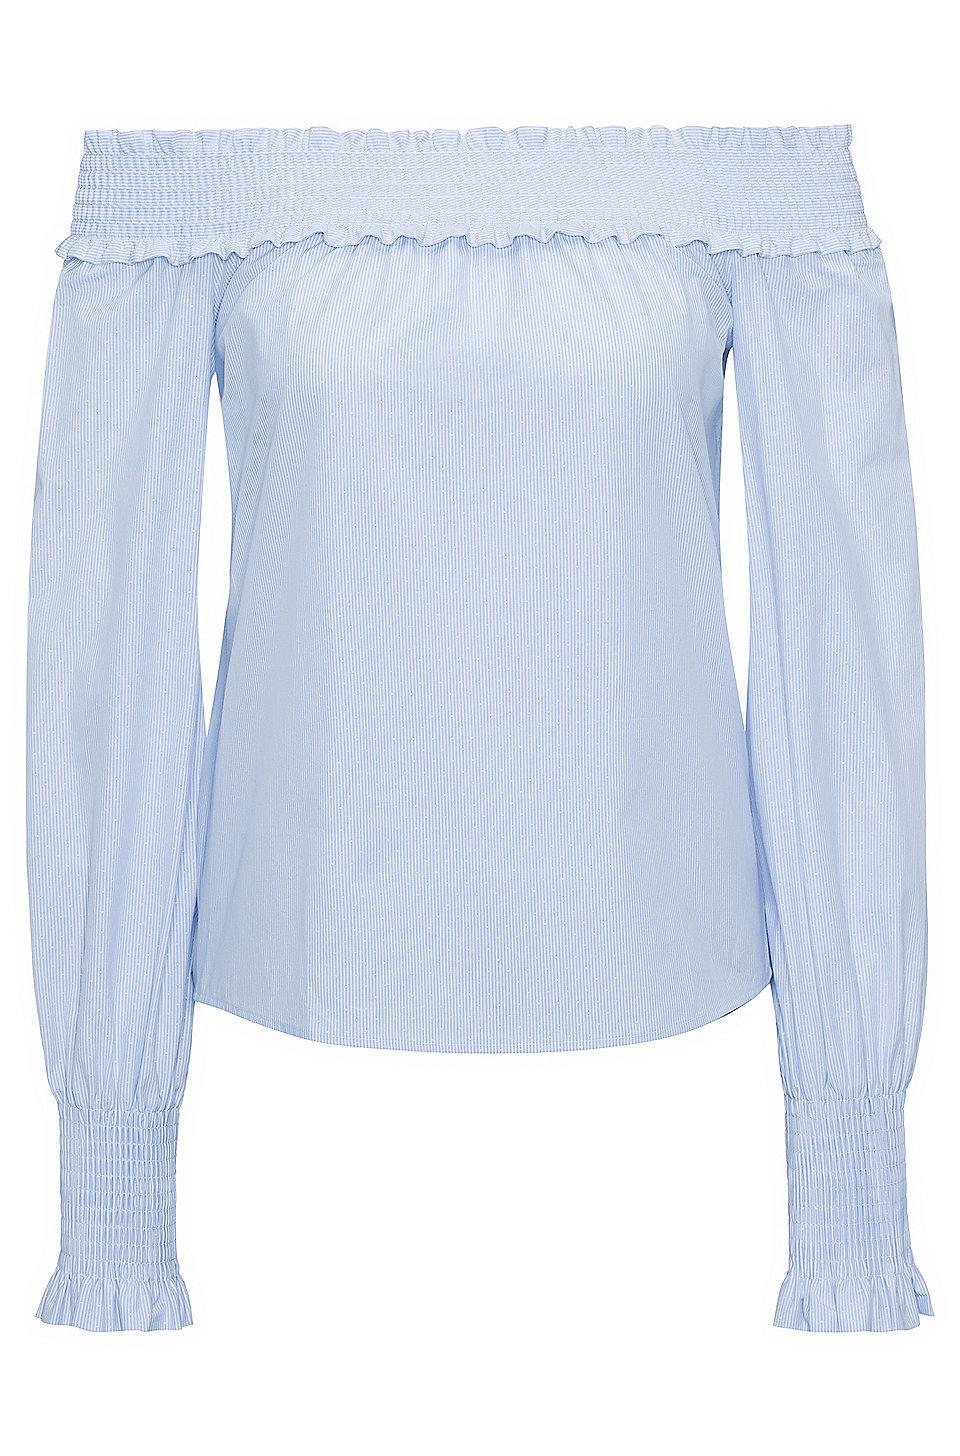 Schulterfreie Bluse aus strukturierter Baumwolle mit Streifen HUGO BOSS Steckdose Billig Verkauf Besuch Viele Arten Von w7BQC2WW